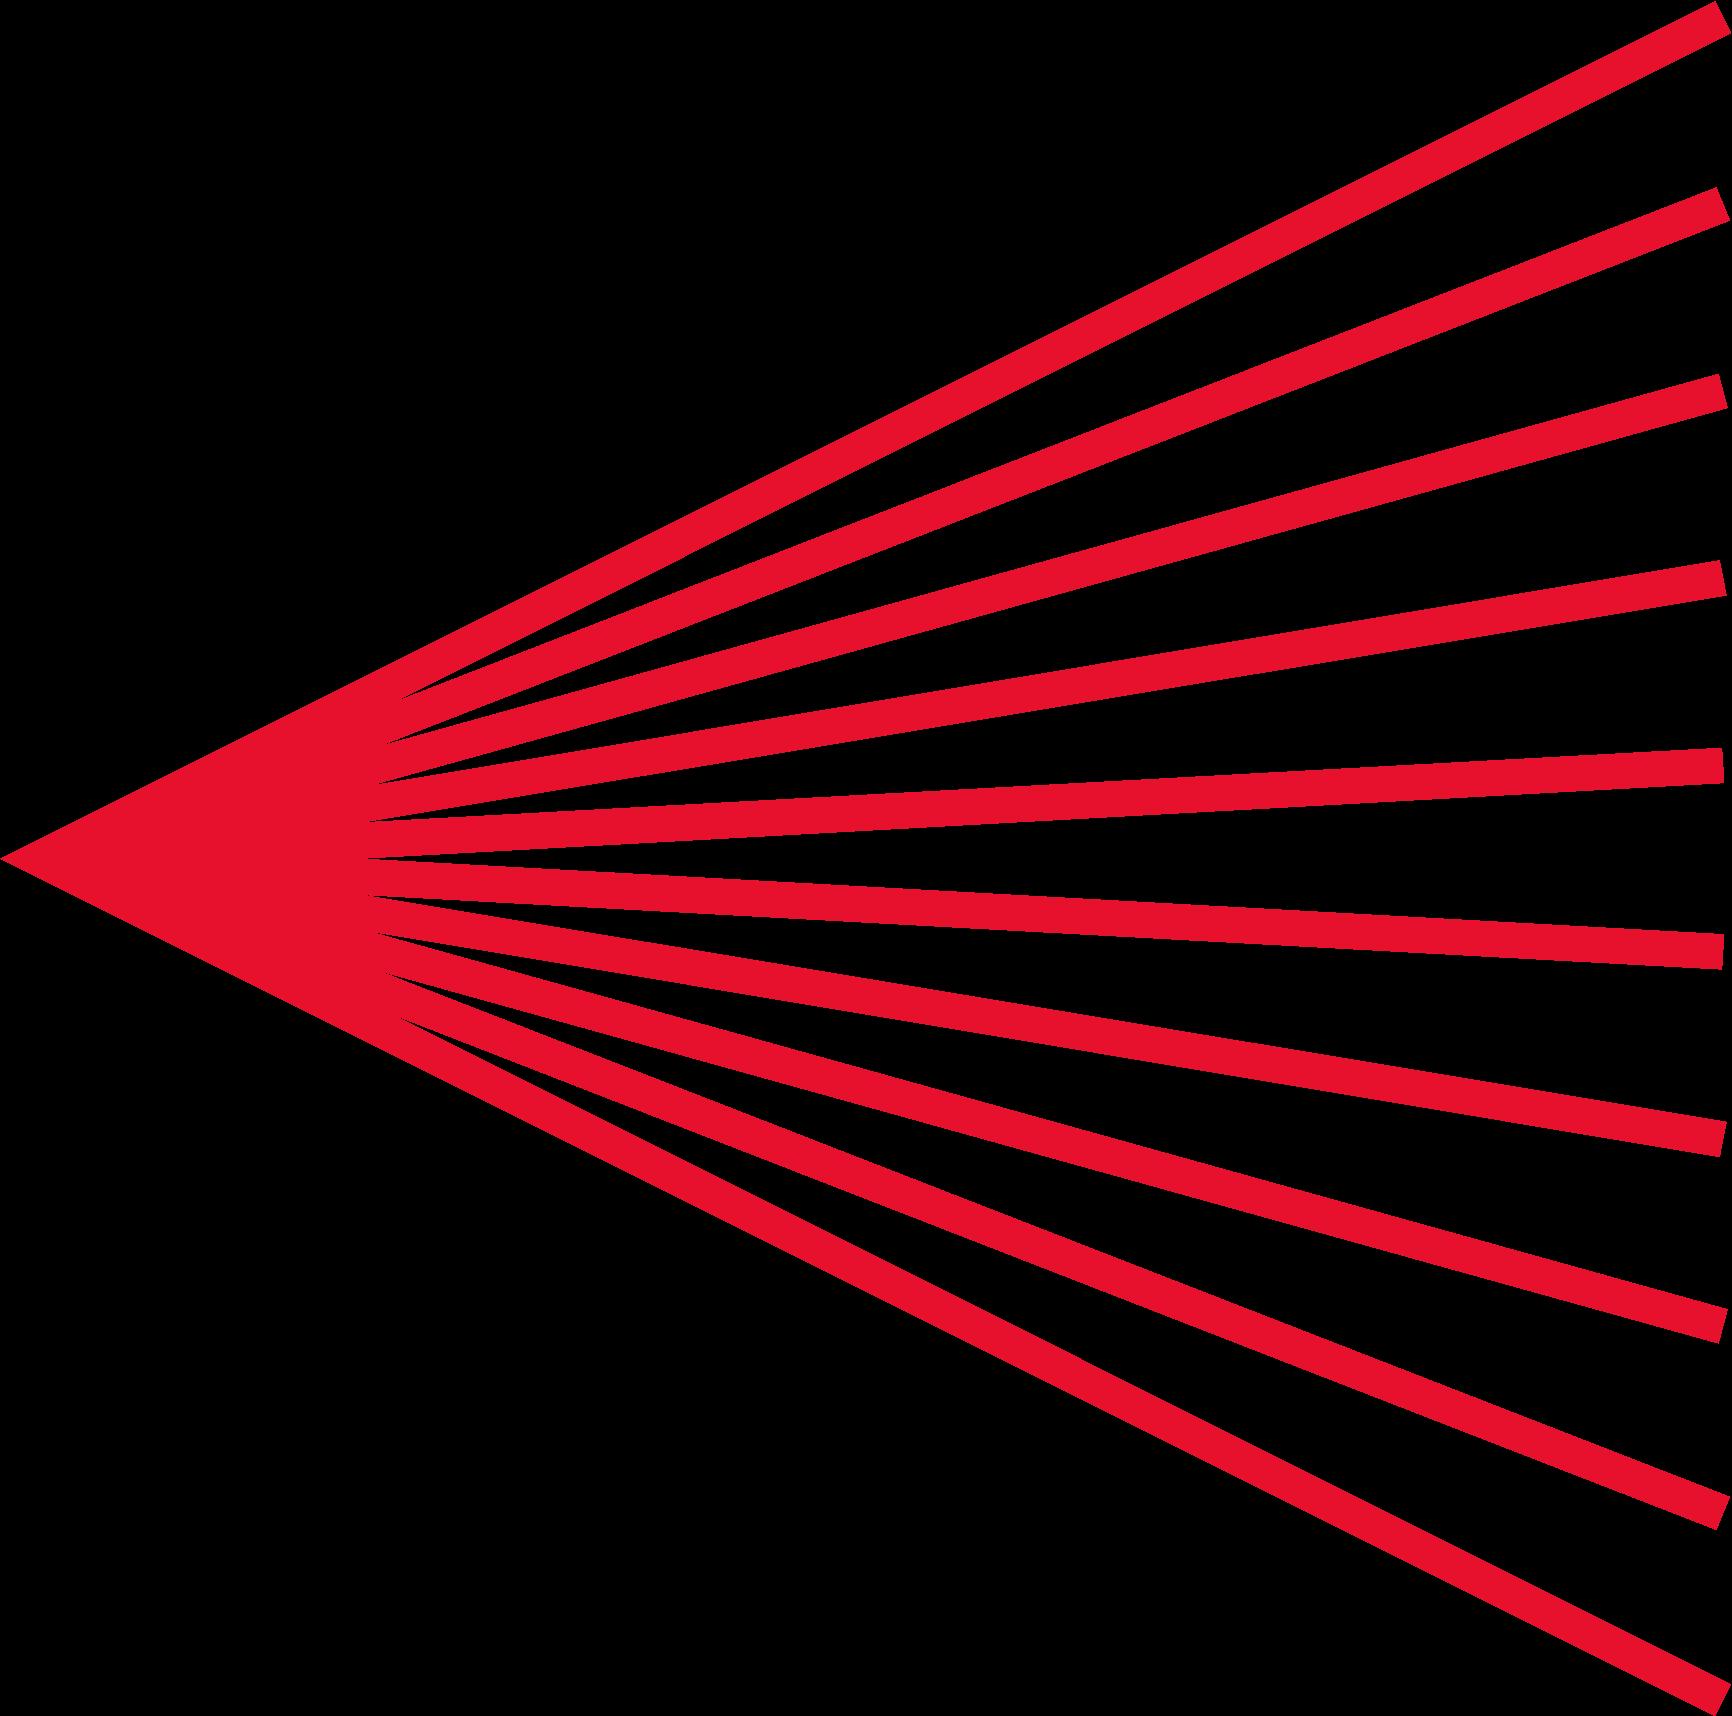 Visual Peak